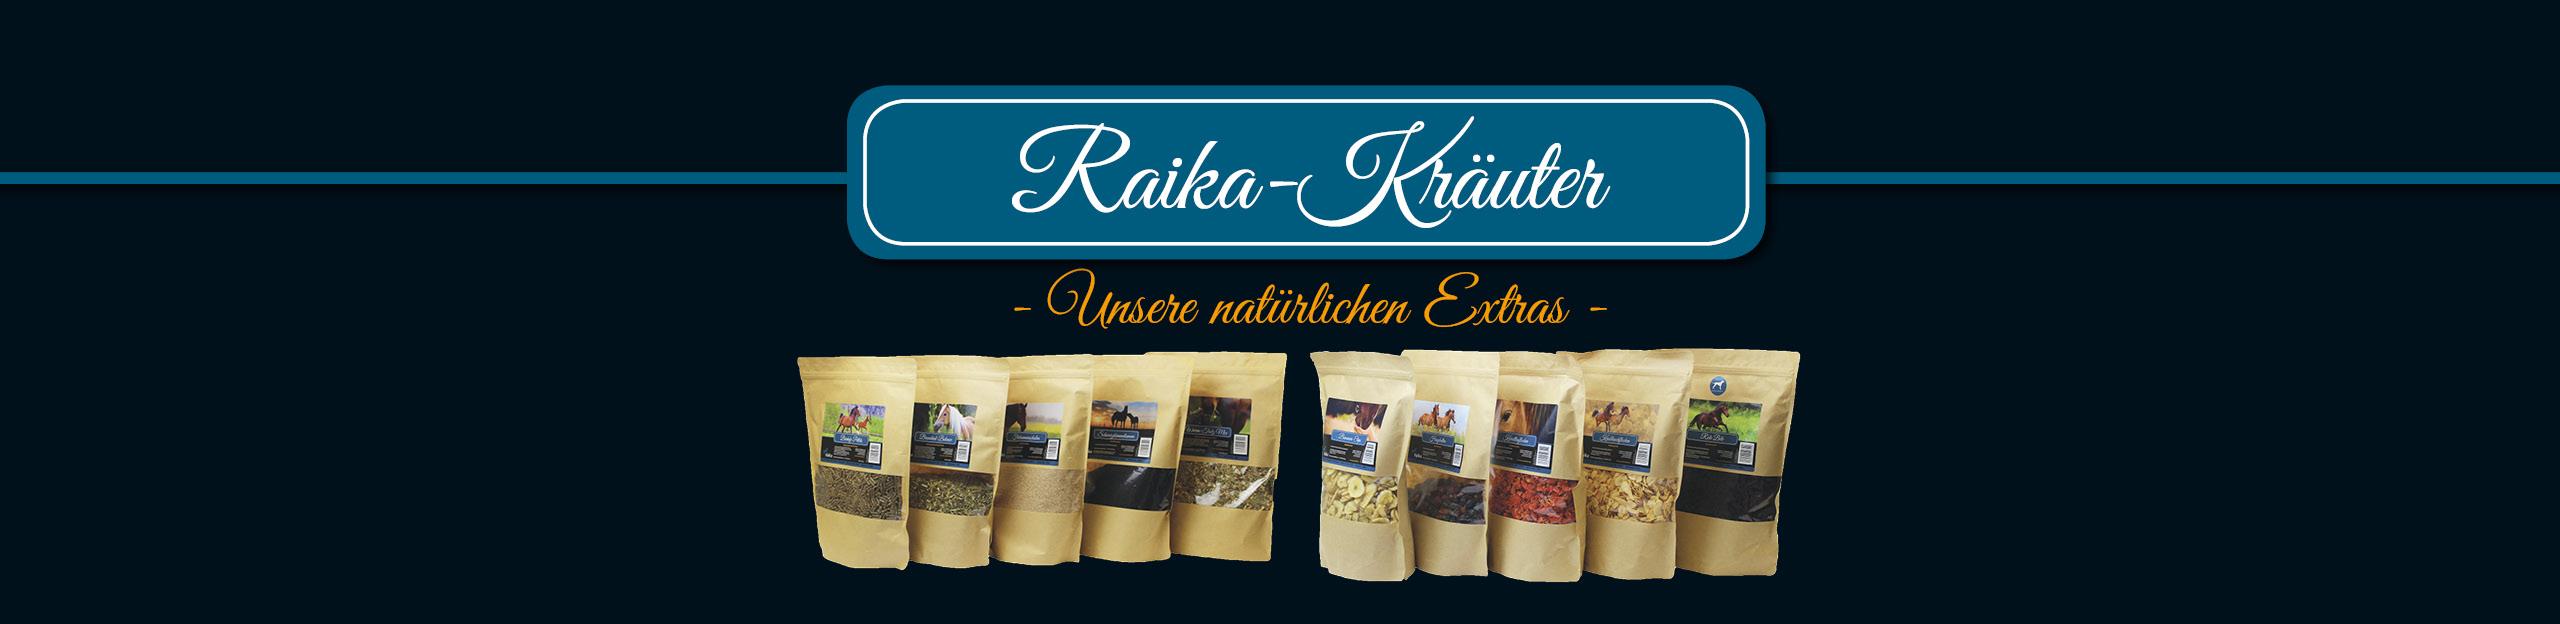 Raika Kräuter 1920x468